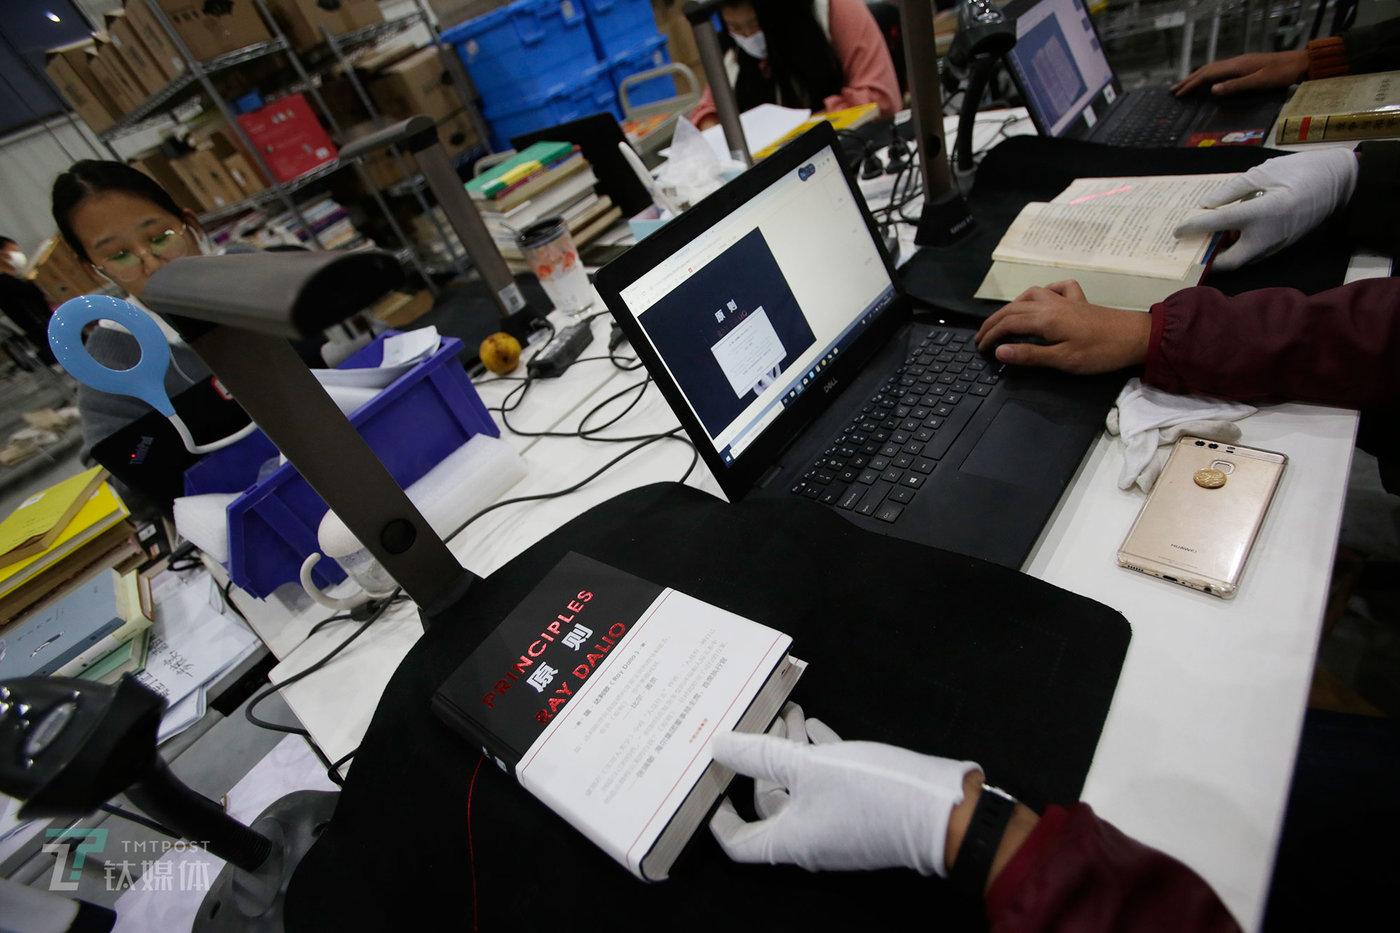 """工作人员在为一本被拒的二手书拍照,并填写拒书理发送给卖书用户。有4%-5%的书会被多抓鱼拒掉,这中间有一半是盗版,其他的则是因为""""缺册""""或""""品相过差""""。被拒掉的书,会在这家工厂仓库保留48小时,若卖书用户要取回图书,需要自行承担邮费(用户寄送的邮费由多抓鱼承担);若是所寄的二手书通过审核,用户在48小时内就能收到多抓鱼支付的书款。"""